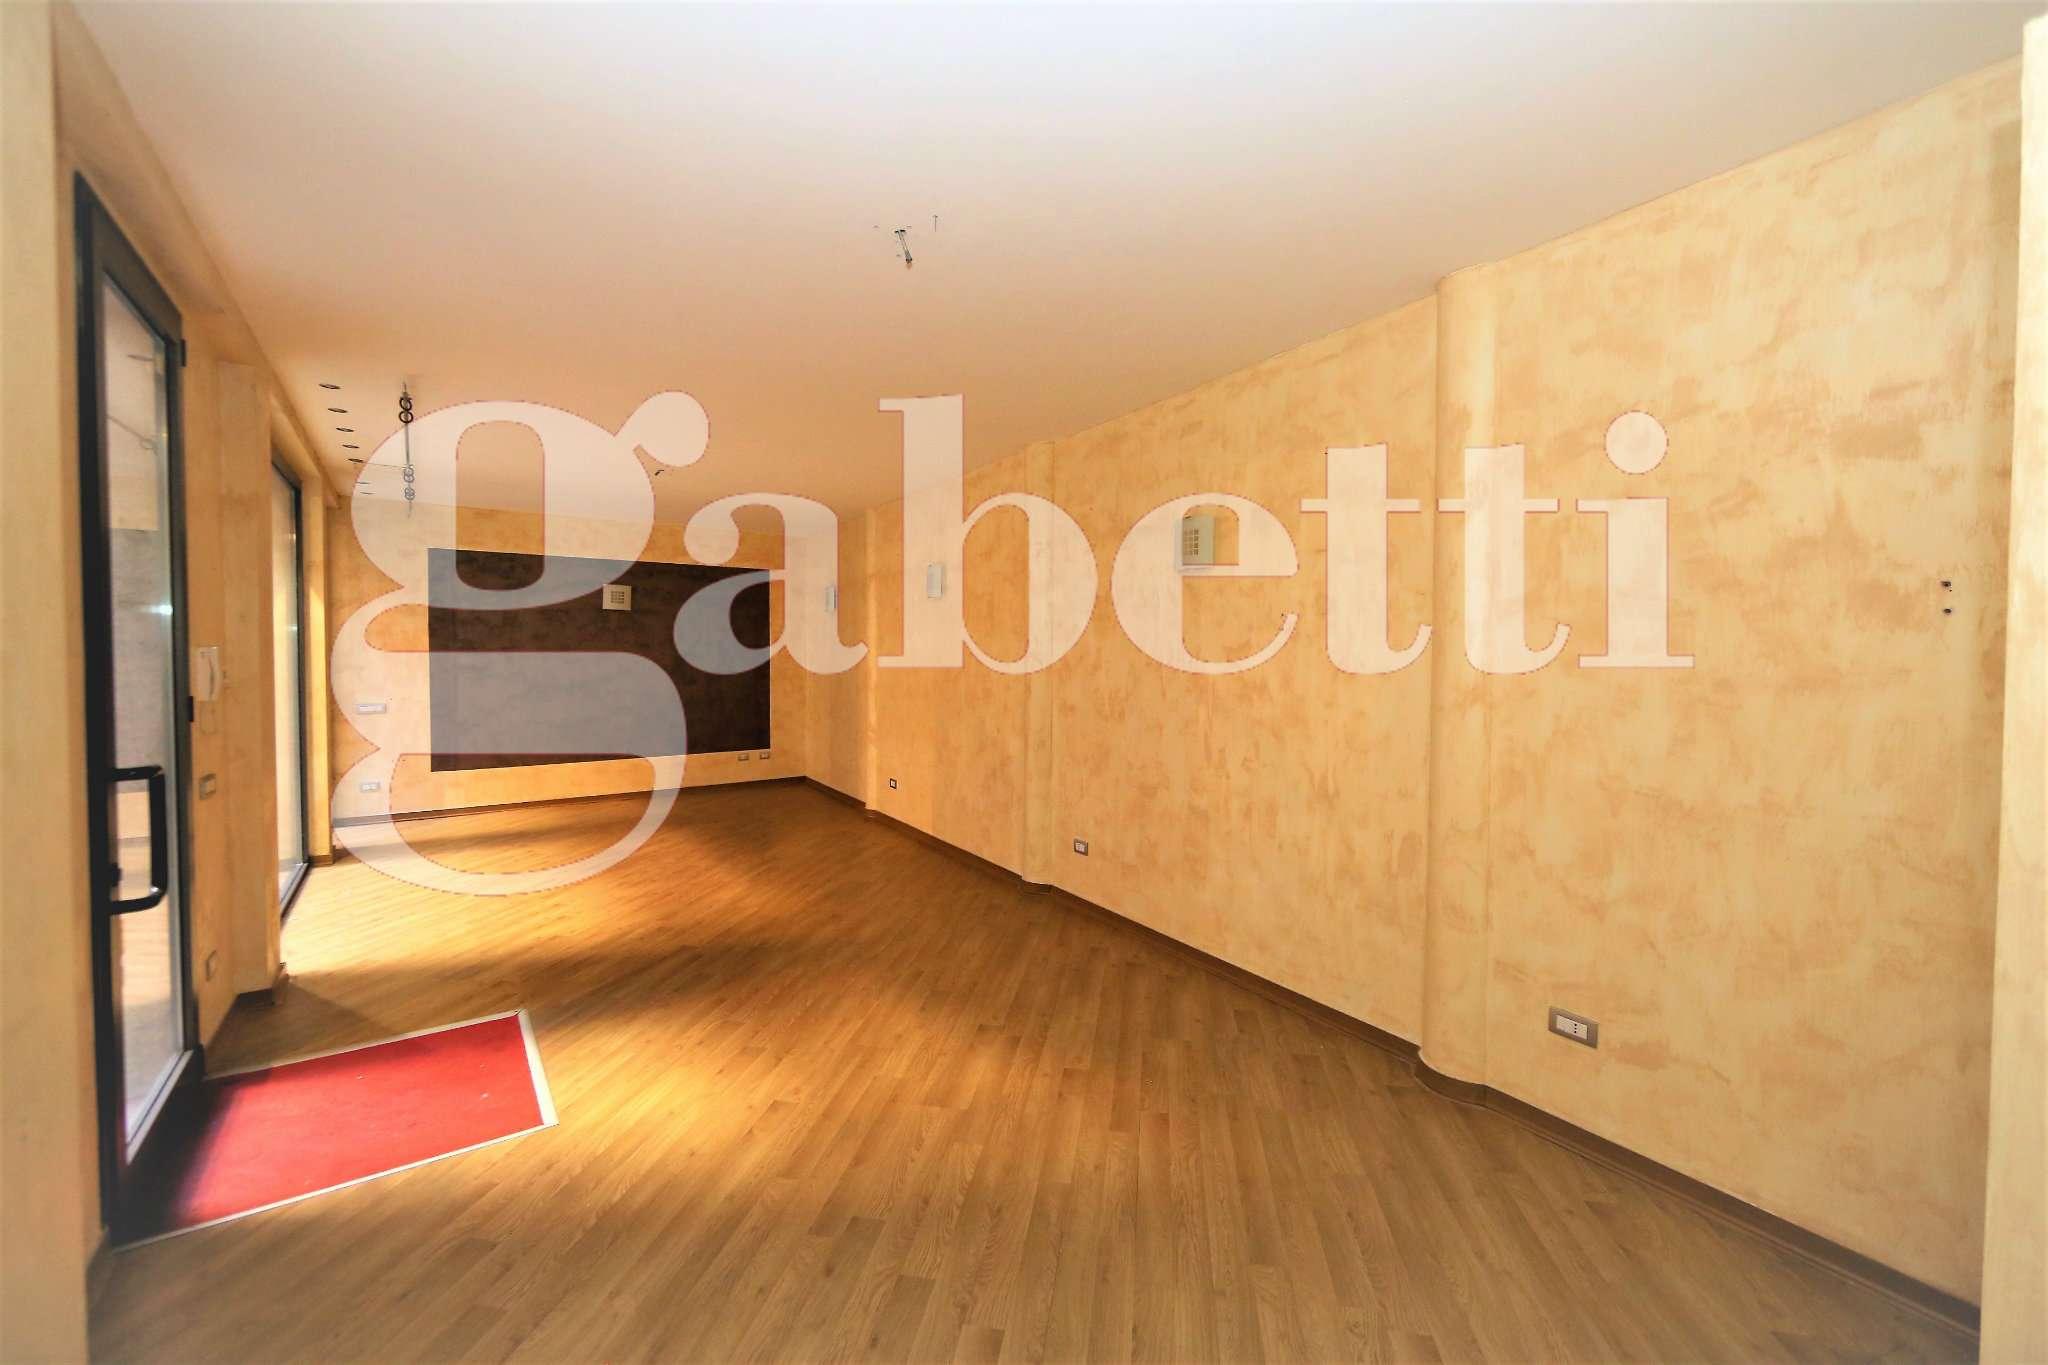 Negozio / Locale in affitto a Gallarate, 1 locali, prezzo € 690 | CambioCasa.it